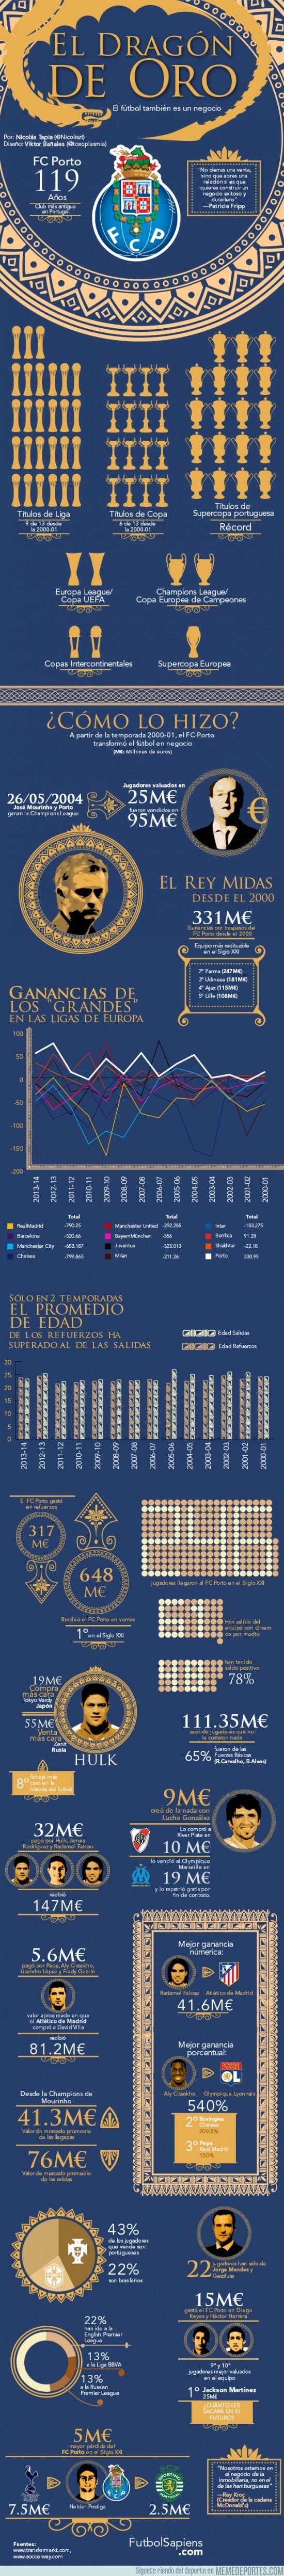 163551 - El Dragón de Oro - Infografia del Oporto